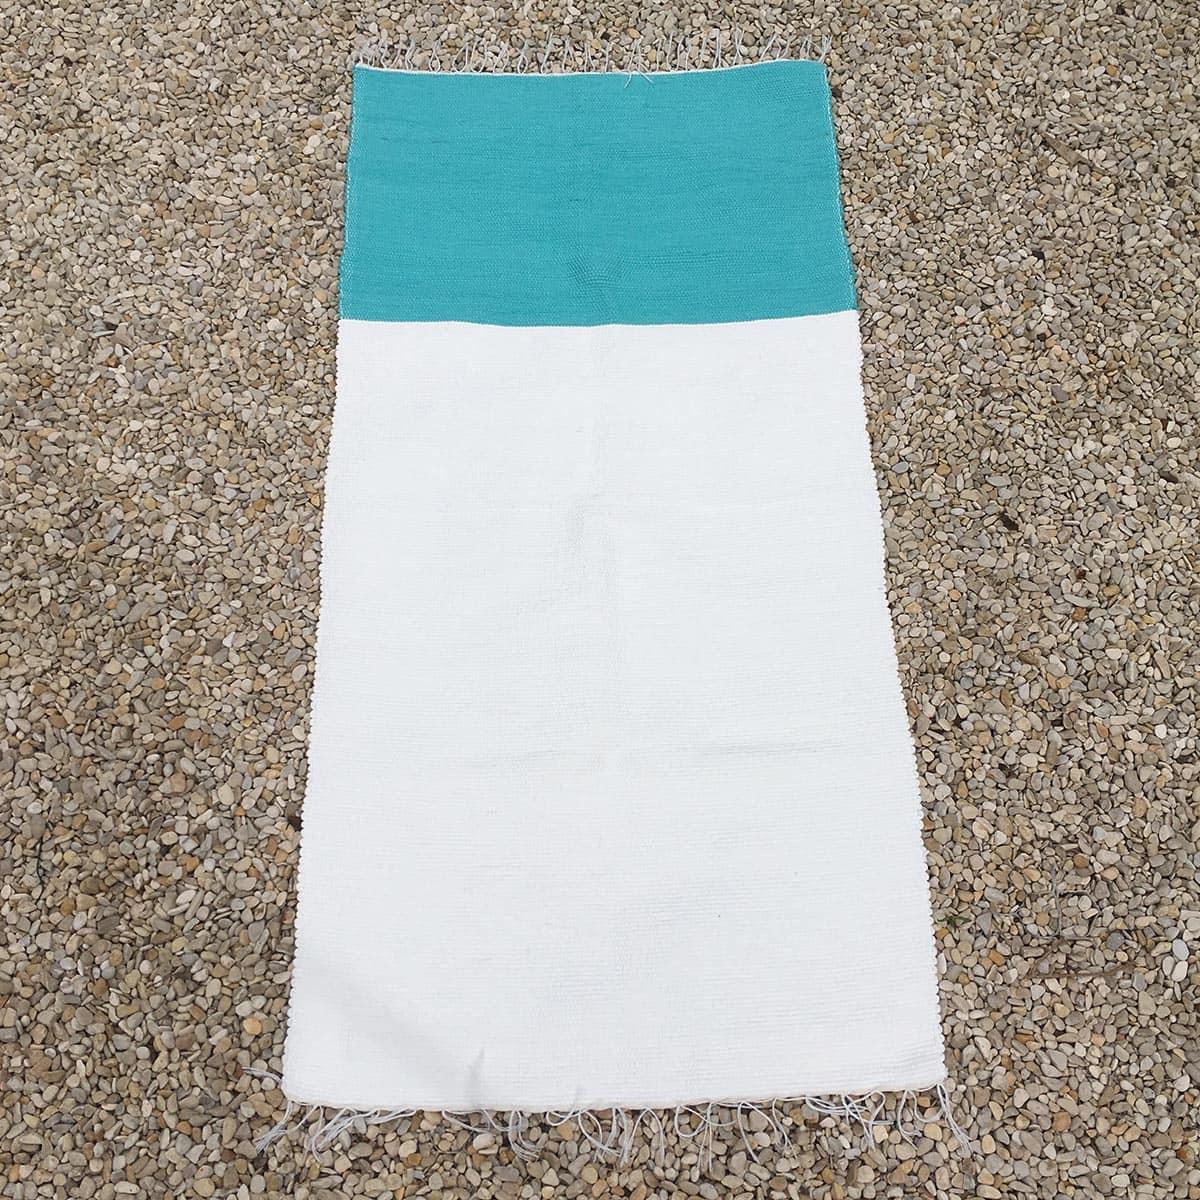 bicolor azuur - wit